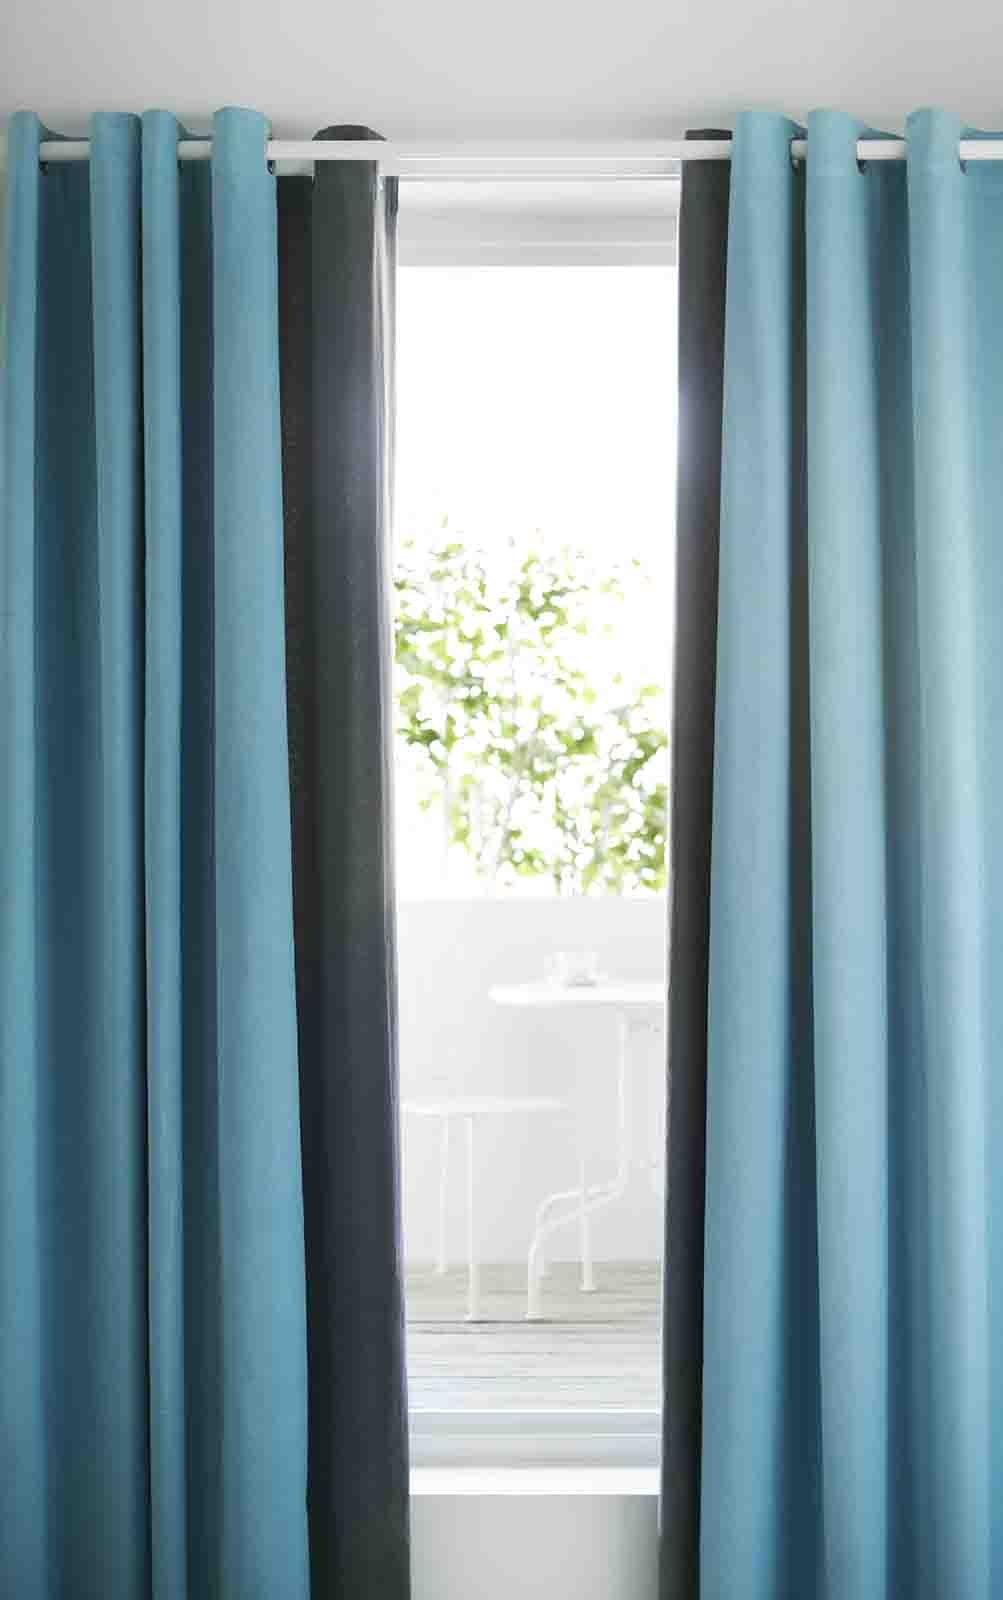 Hanno un ingombro minimo e quando chiuse permettono di leggere interamente il profilo delle finestre: Scegliere Le Tende Cose Di Casa